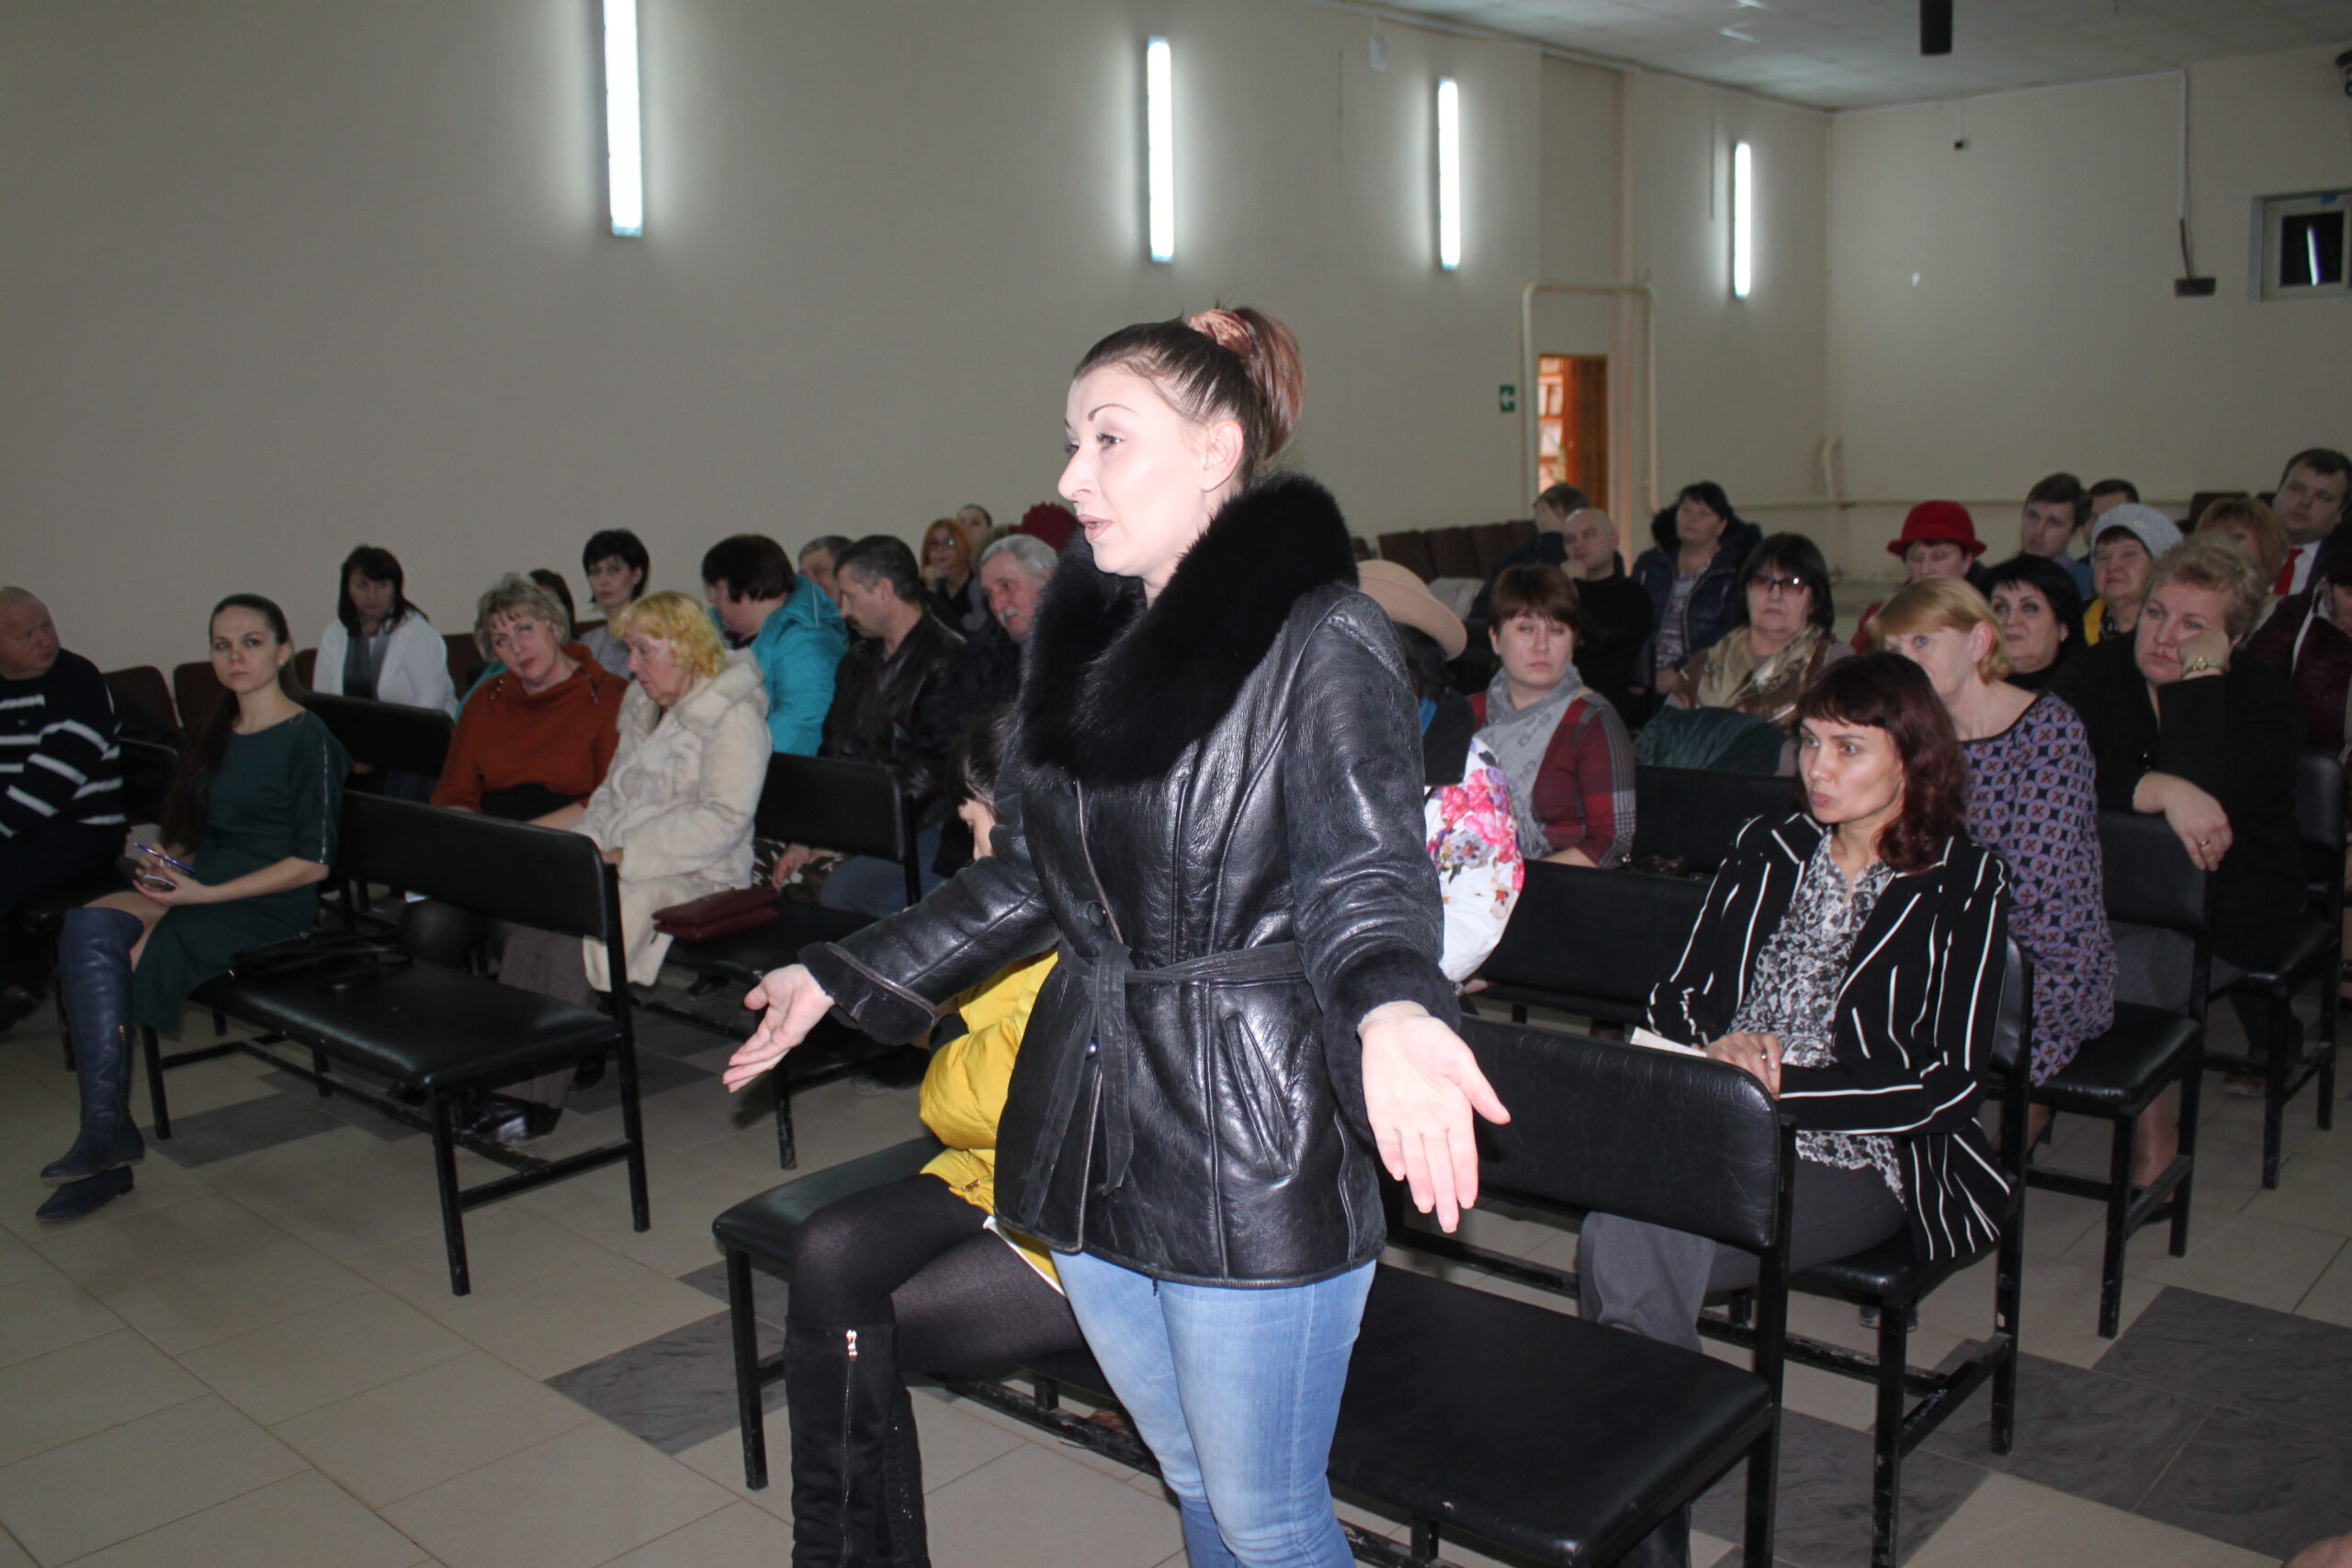 В поселке Ахтырском состоялась встреча жителей с представителями администрации Ахтырского городского поселения и администрации МО Абинский район